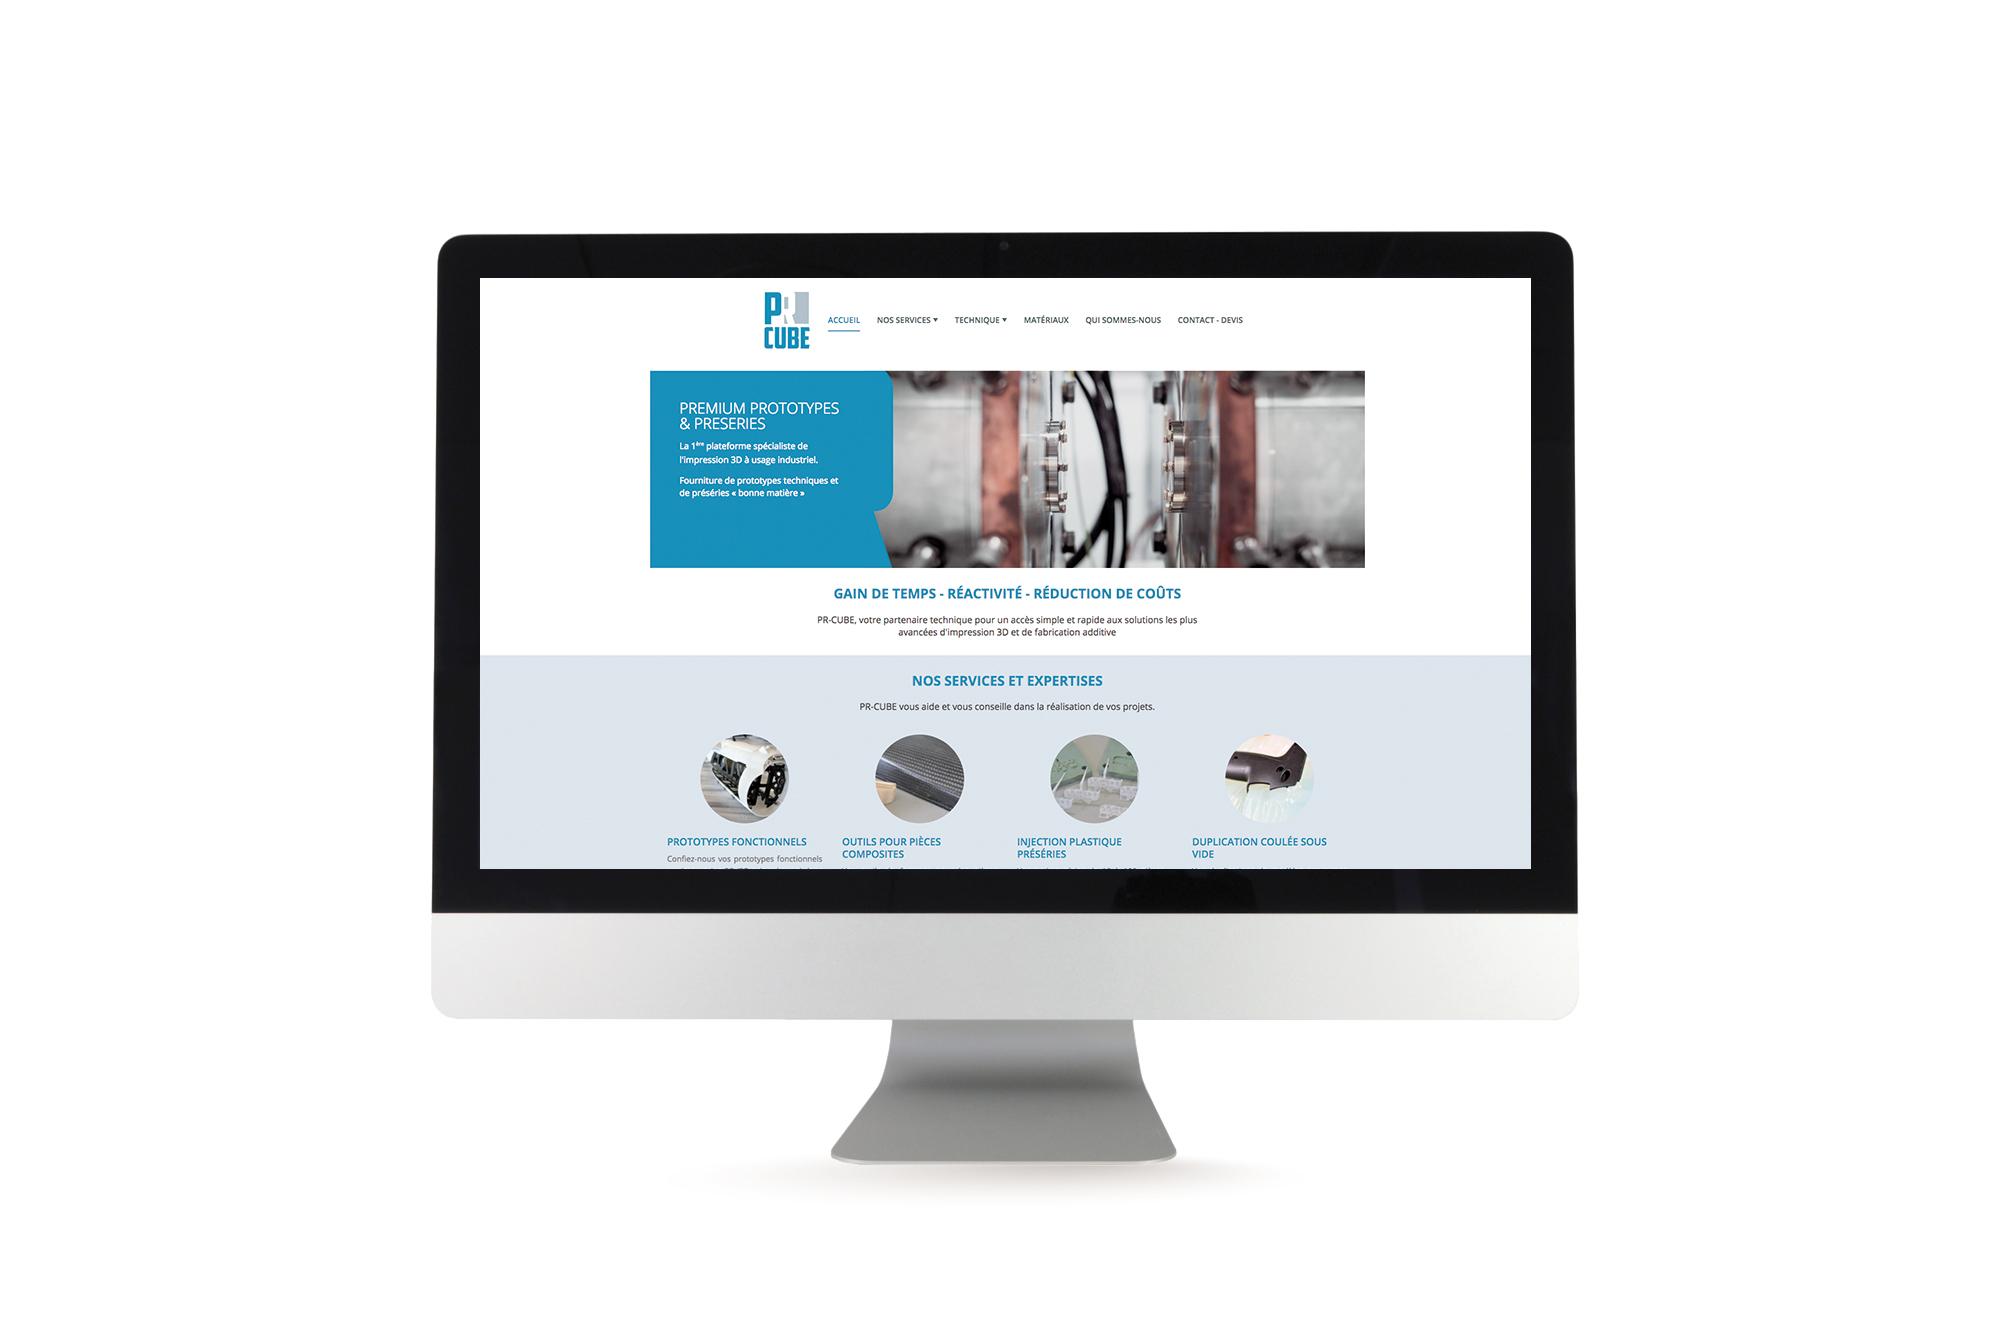 Conception du webdesign du site internet PR Cube